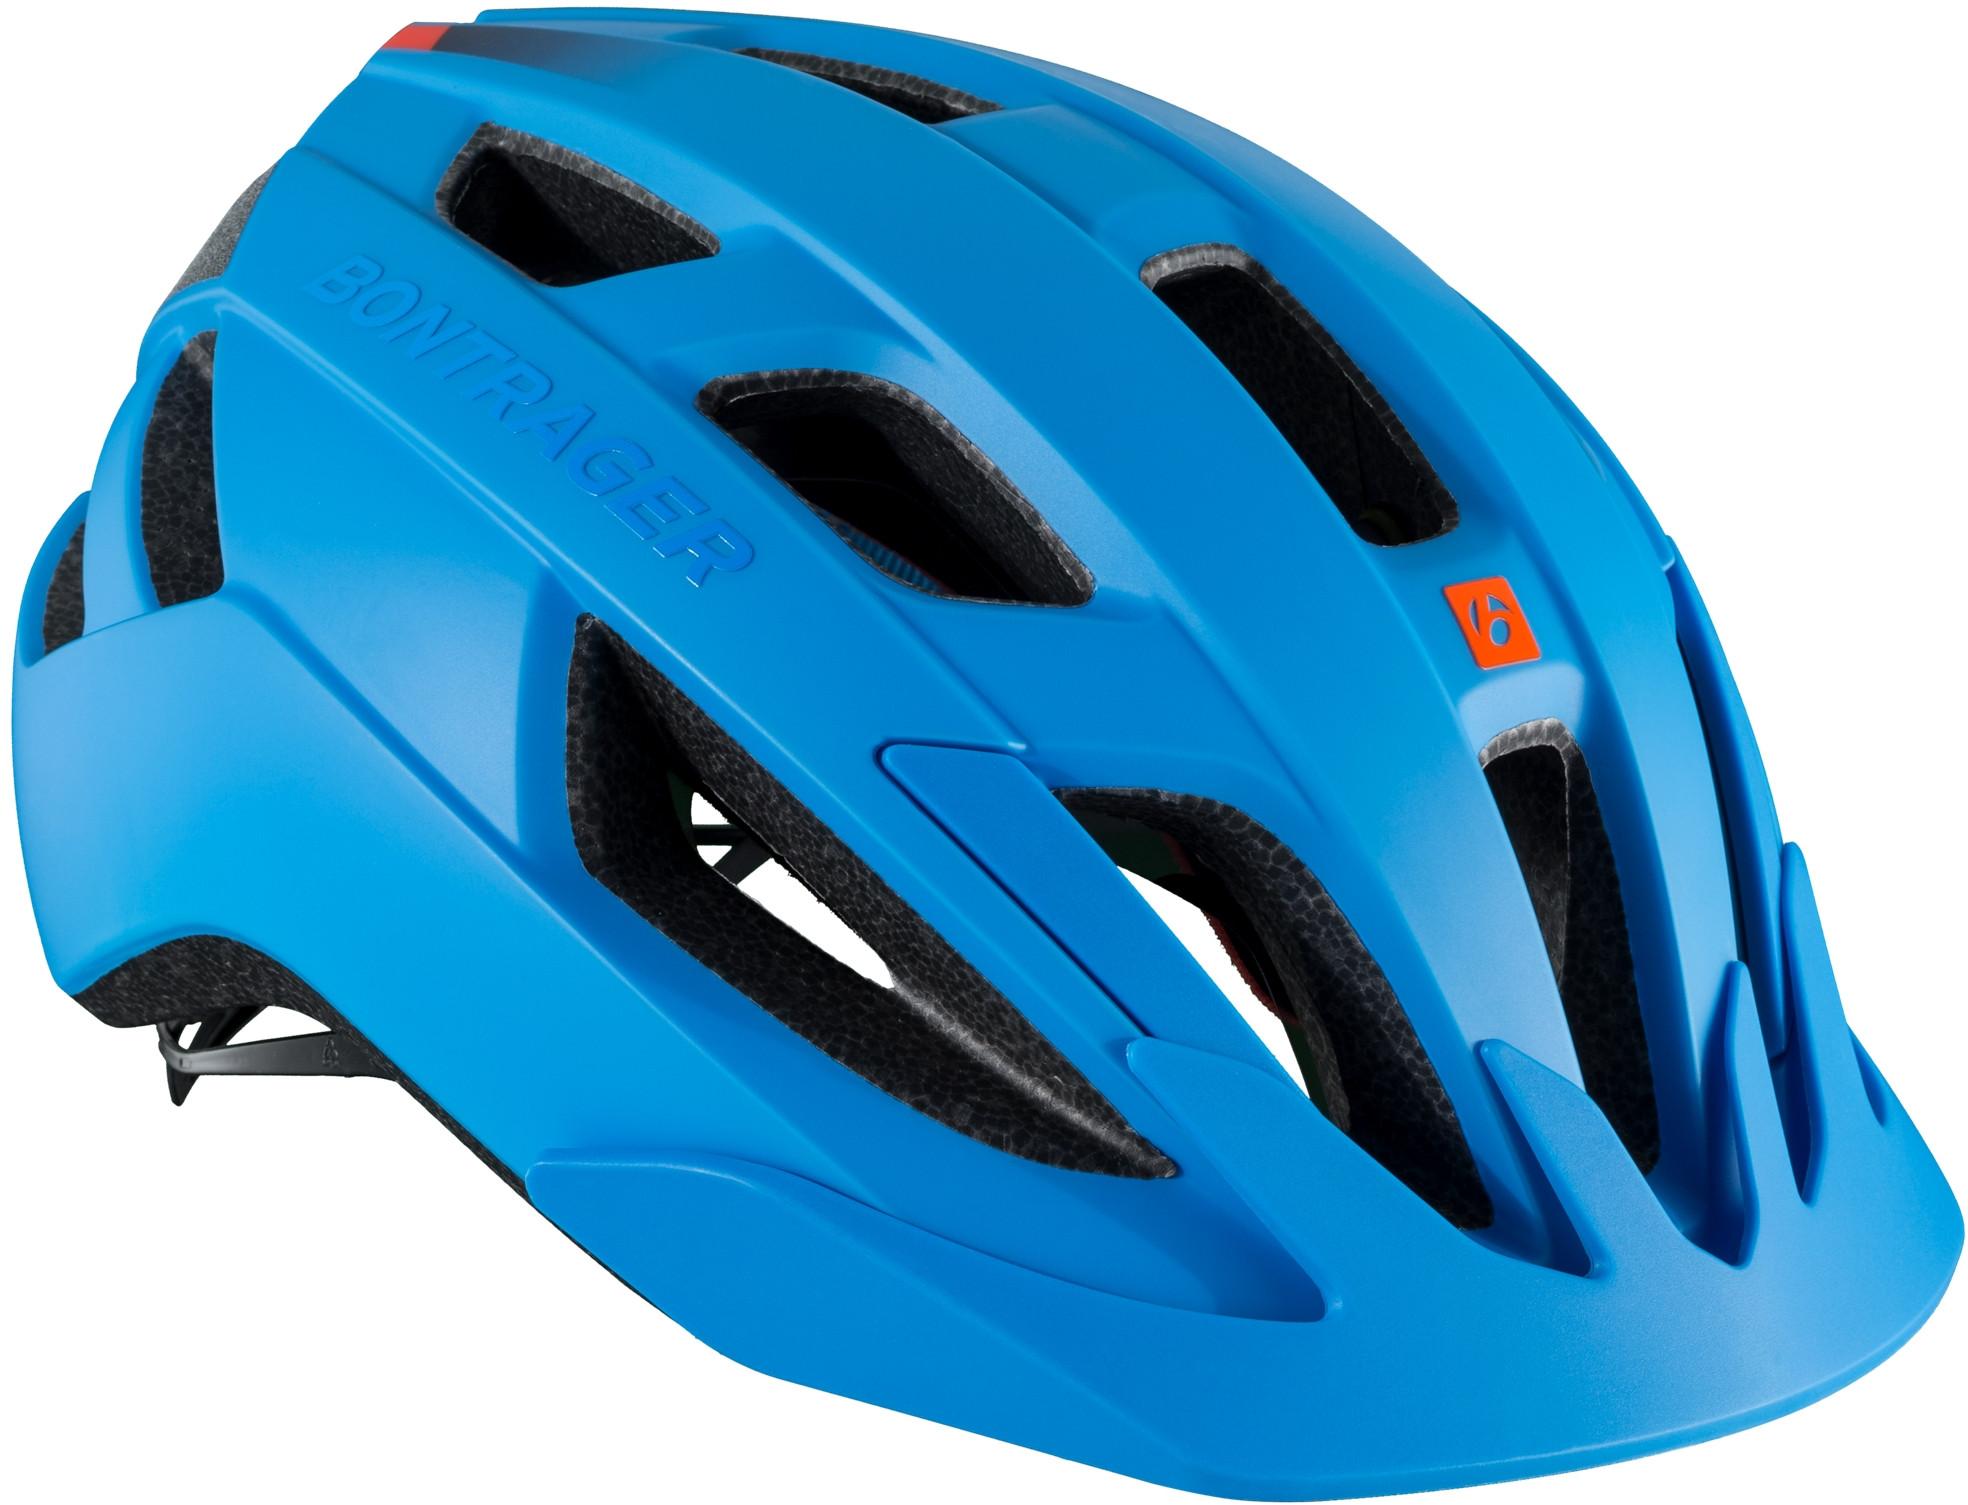 bontrager solstice mips youth bike helmet mtb helmets. Black Bedroom Furniture Sets. Home Design Ideas